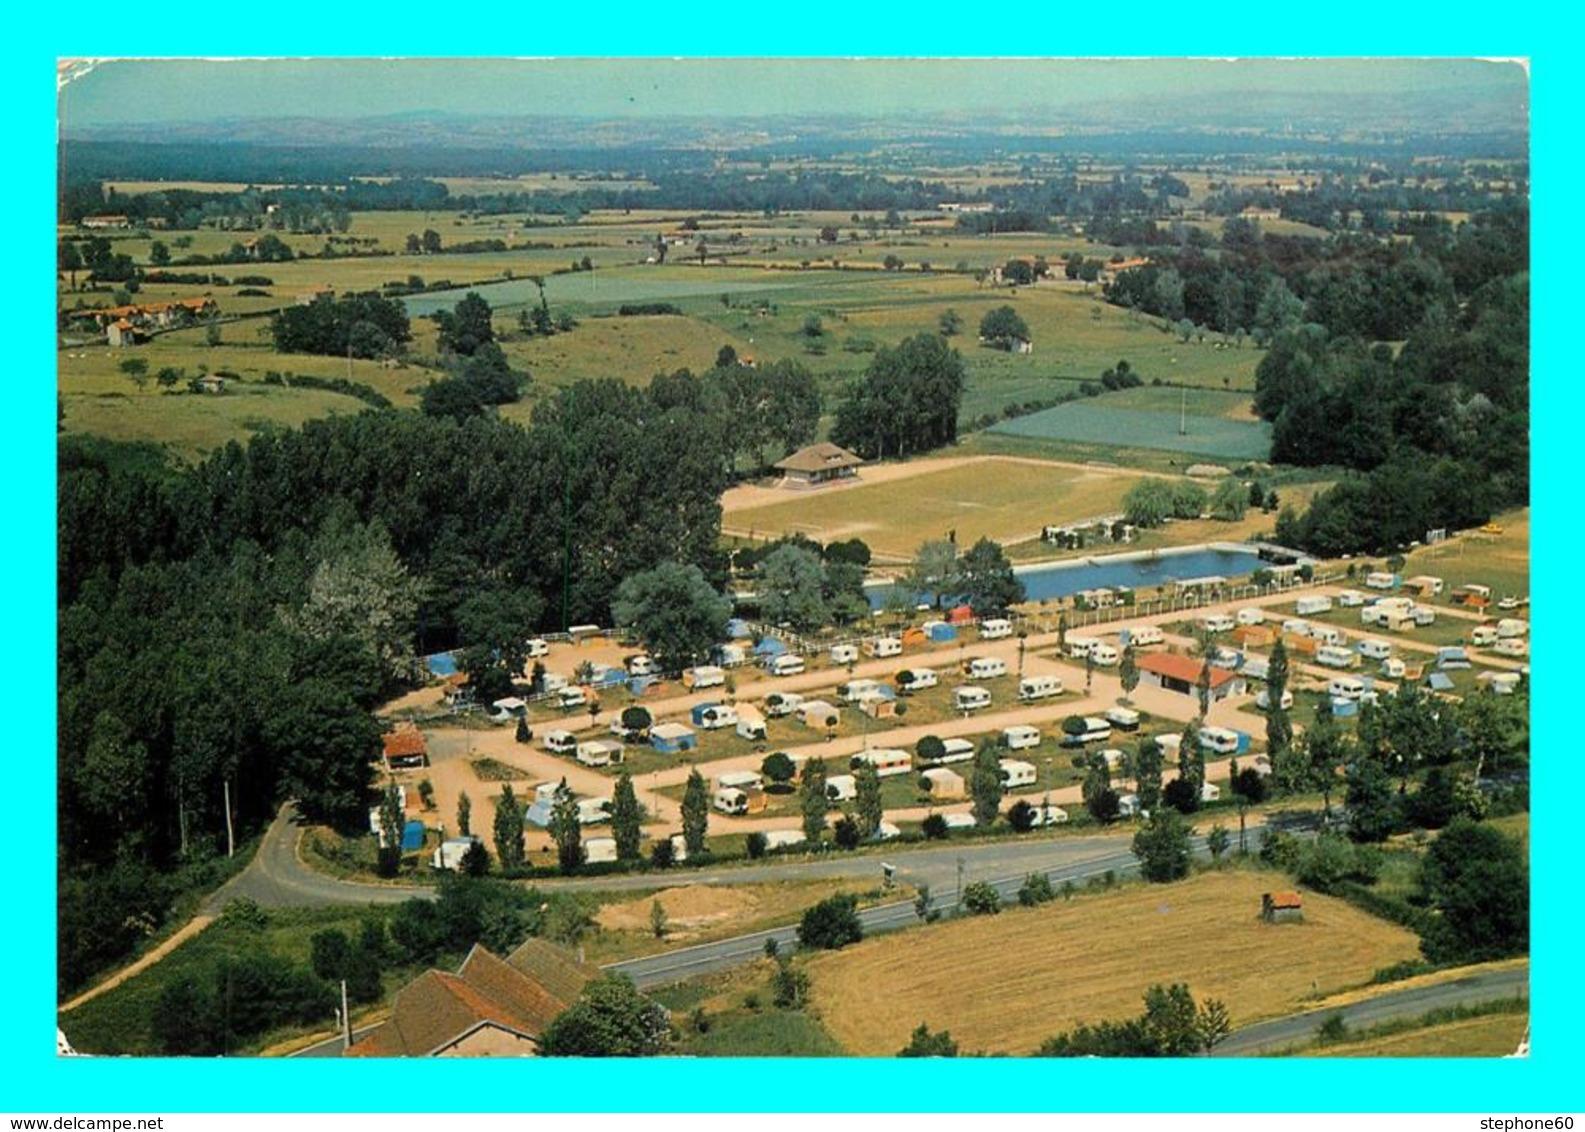 A745 / 211 42 - SAINT GERMAIN LAVAL Camping Plan D'Eau Et Le Stade - Saint Germain Laval